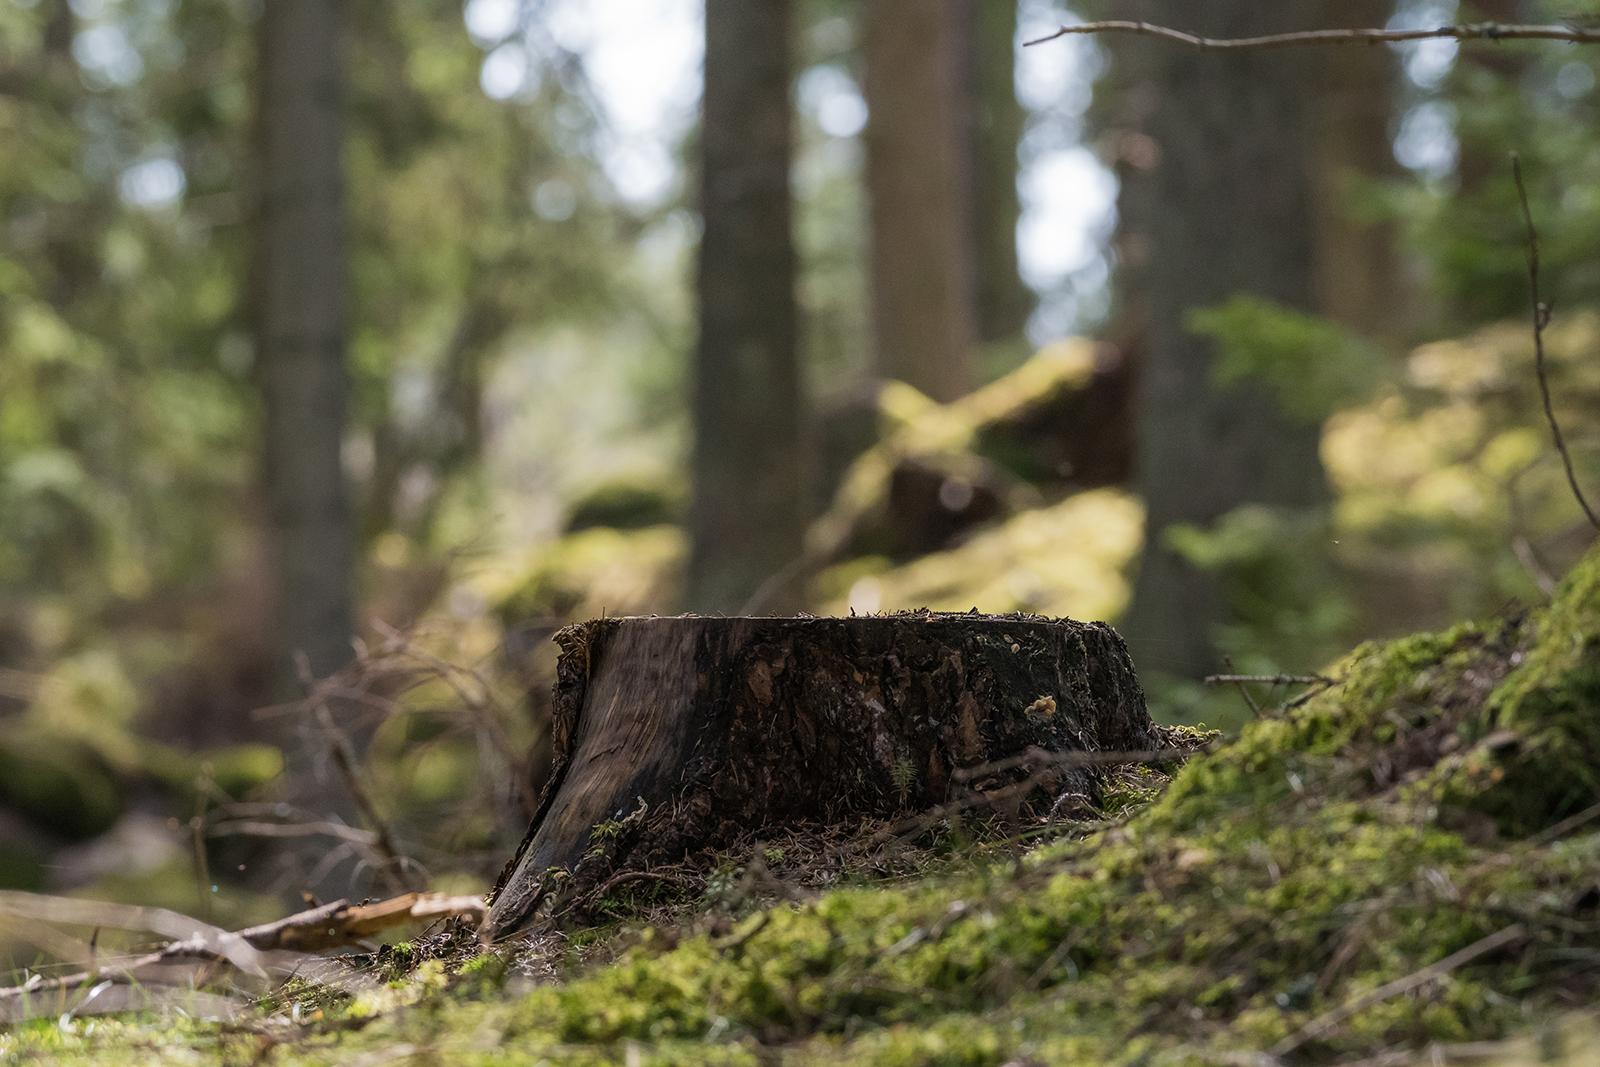 Kannoista, niiden läpimitasta, koosta, määrästä ja puulajista voi usein päätellä, millainen hakkuu metsässä on tehty. Kuva: Shutterstock